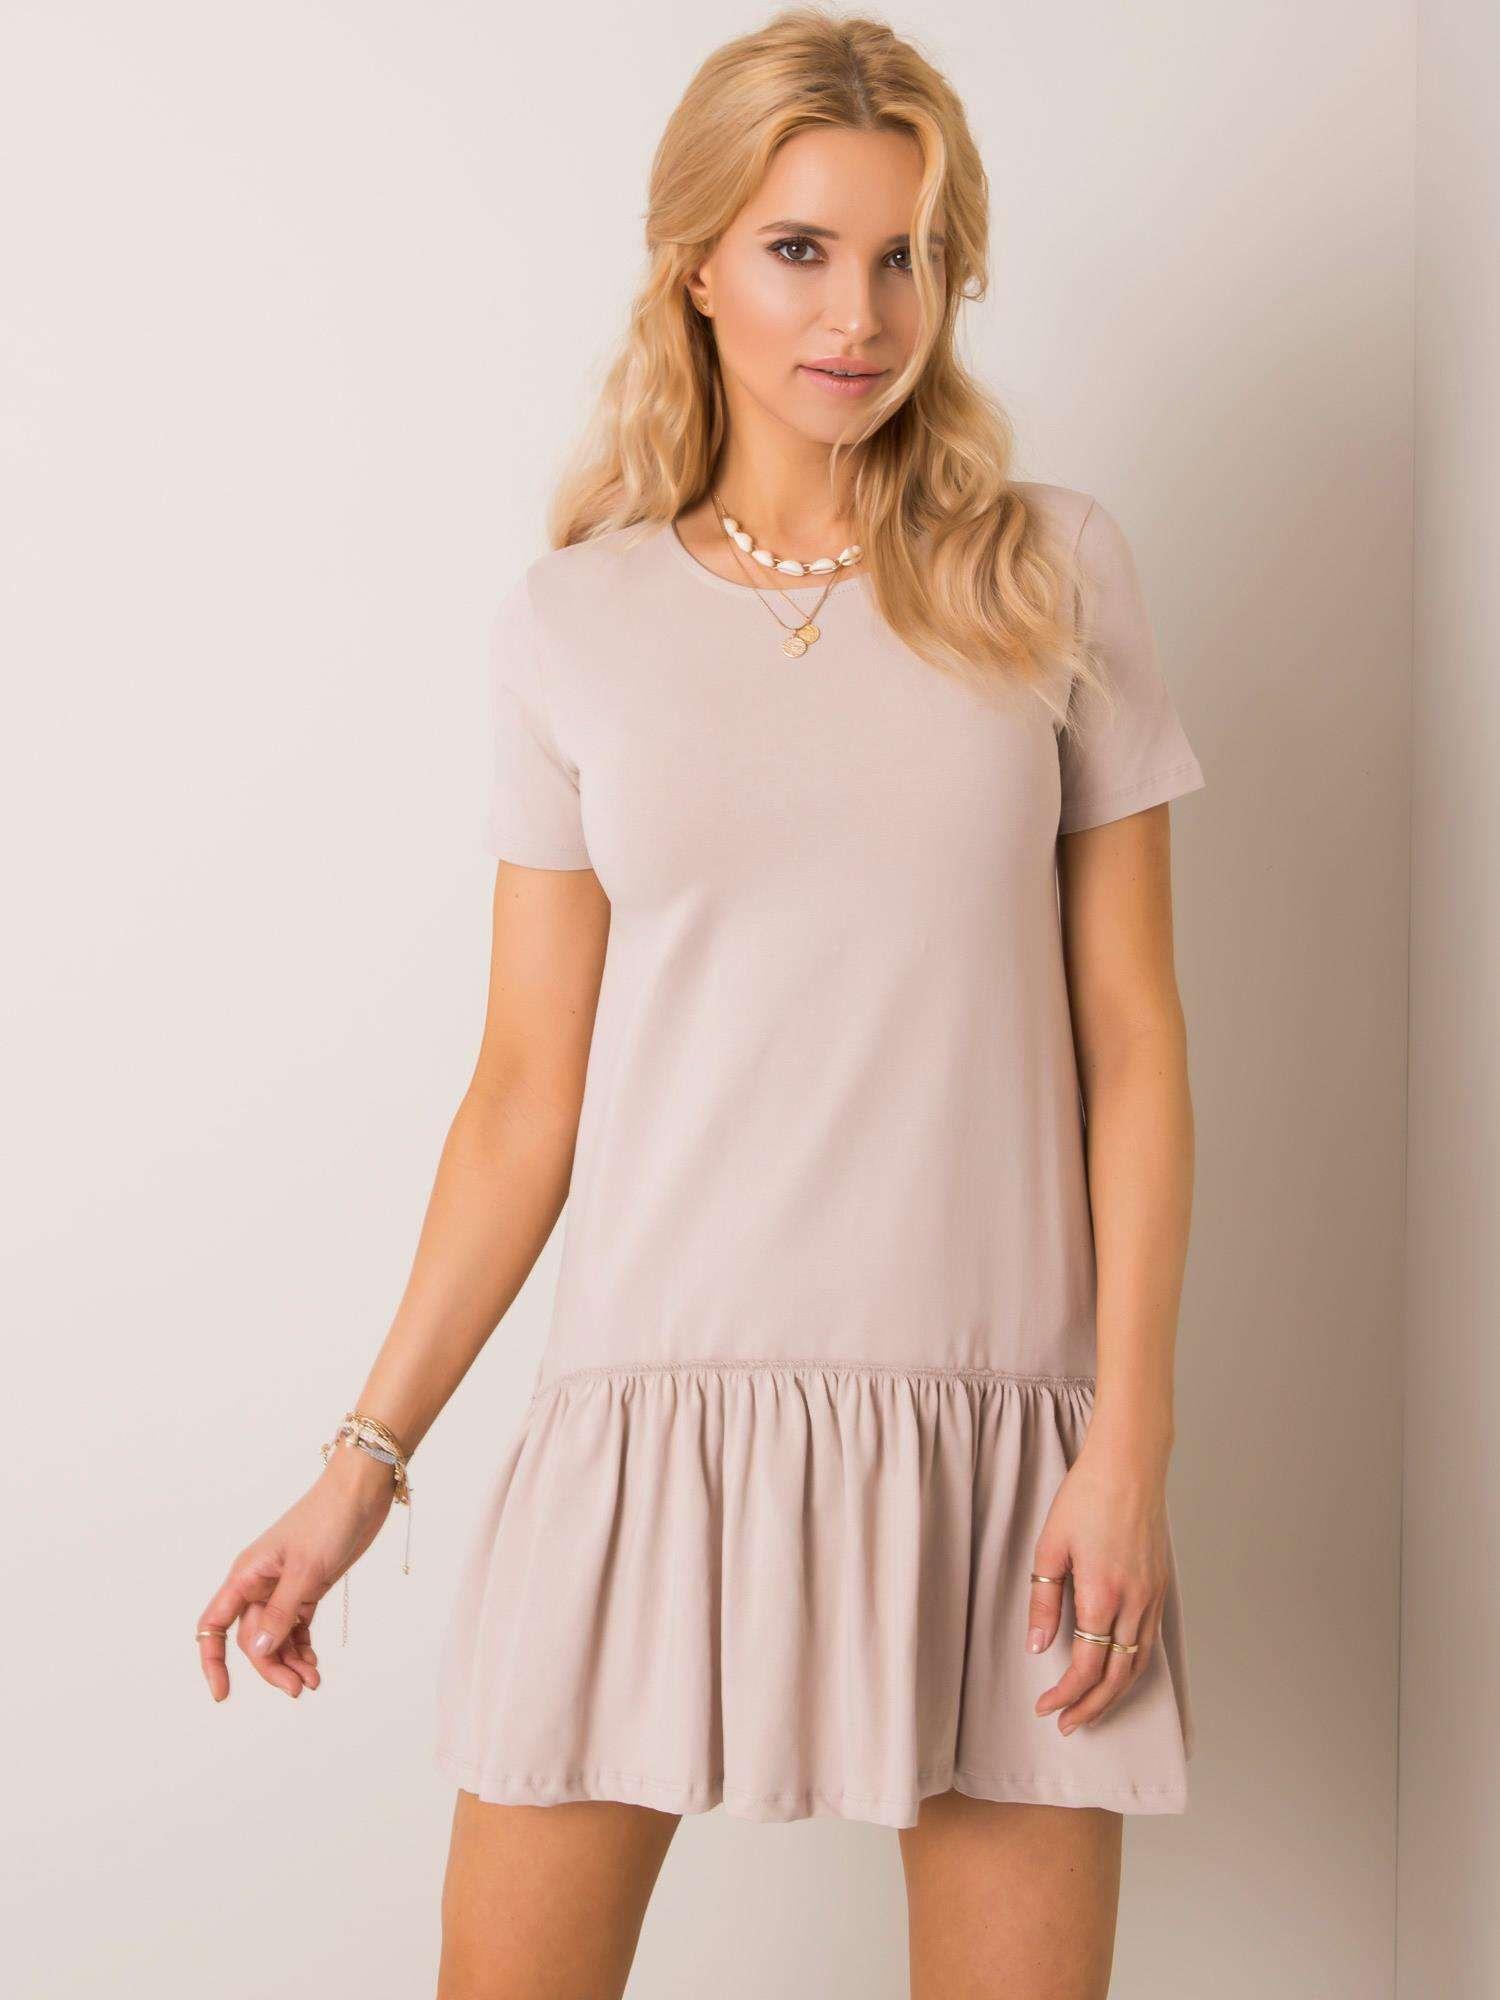 Béžové bavlnené šaty s krátkym rukávom a volánikmi - S